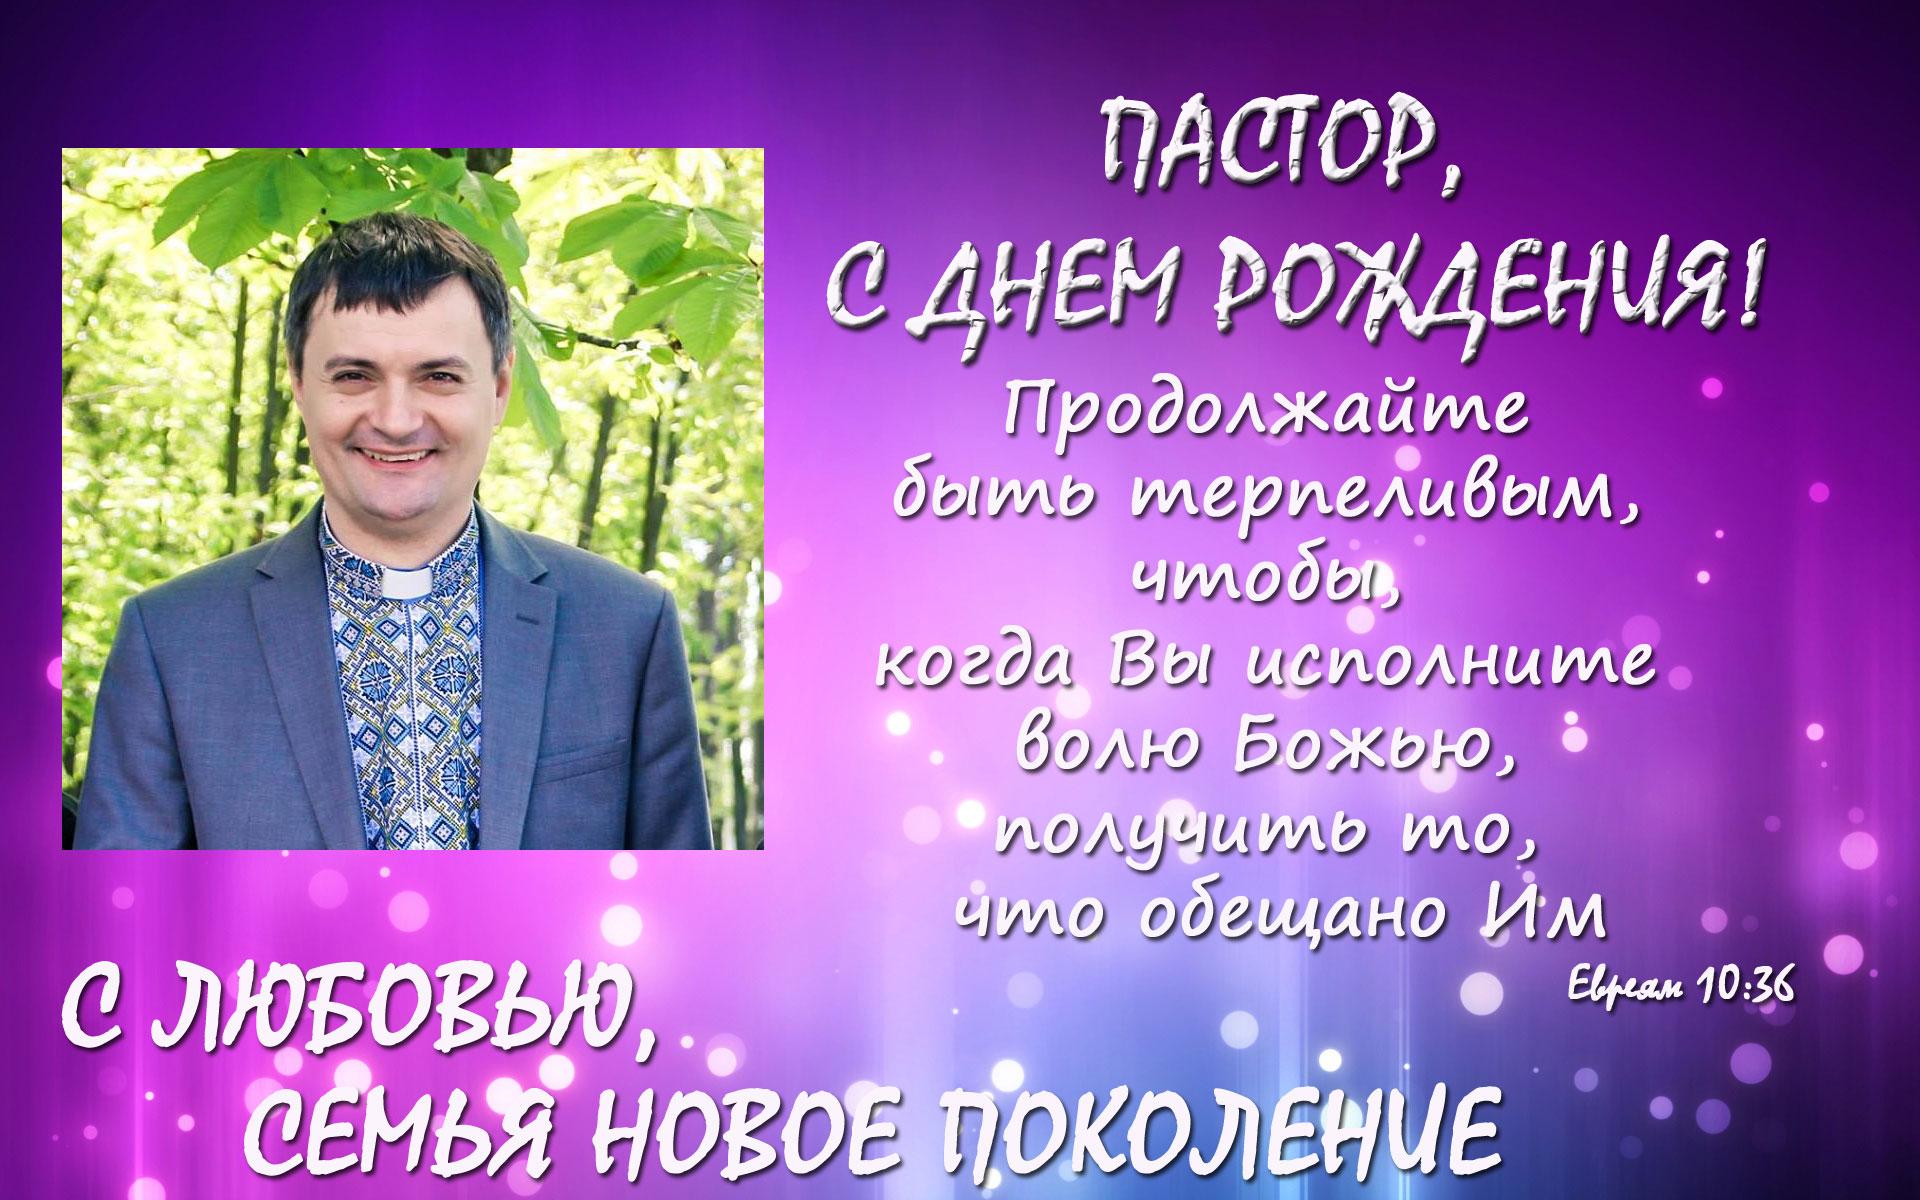 поздравления пастору церкви в стихах и прозе всего